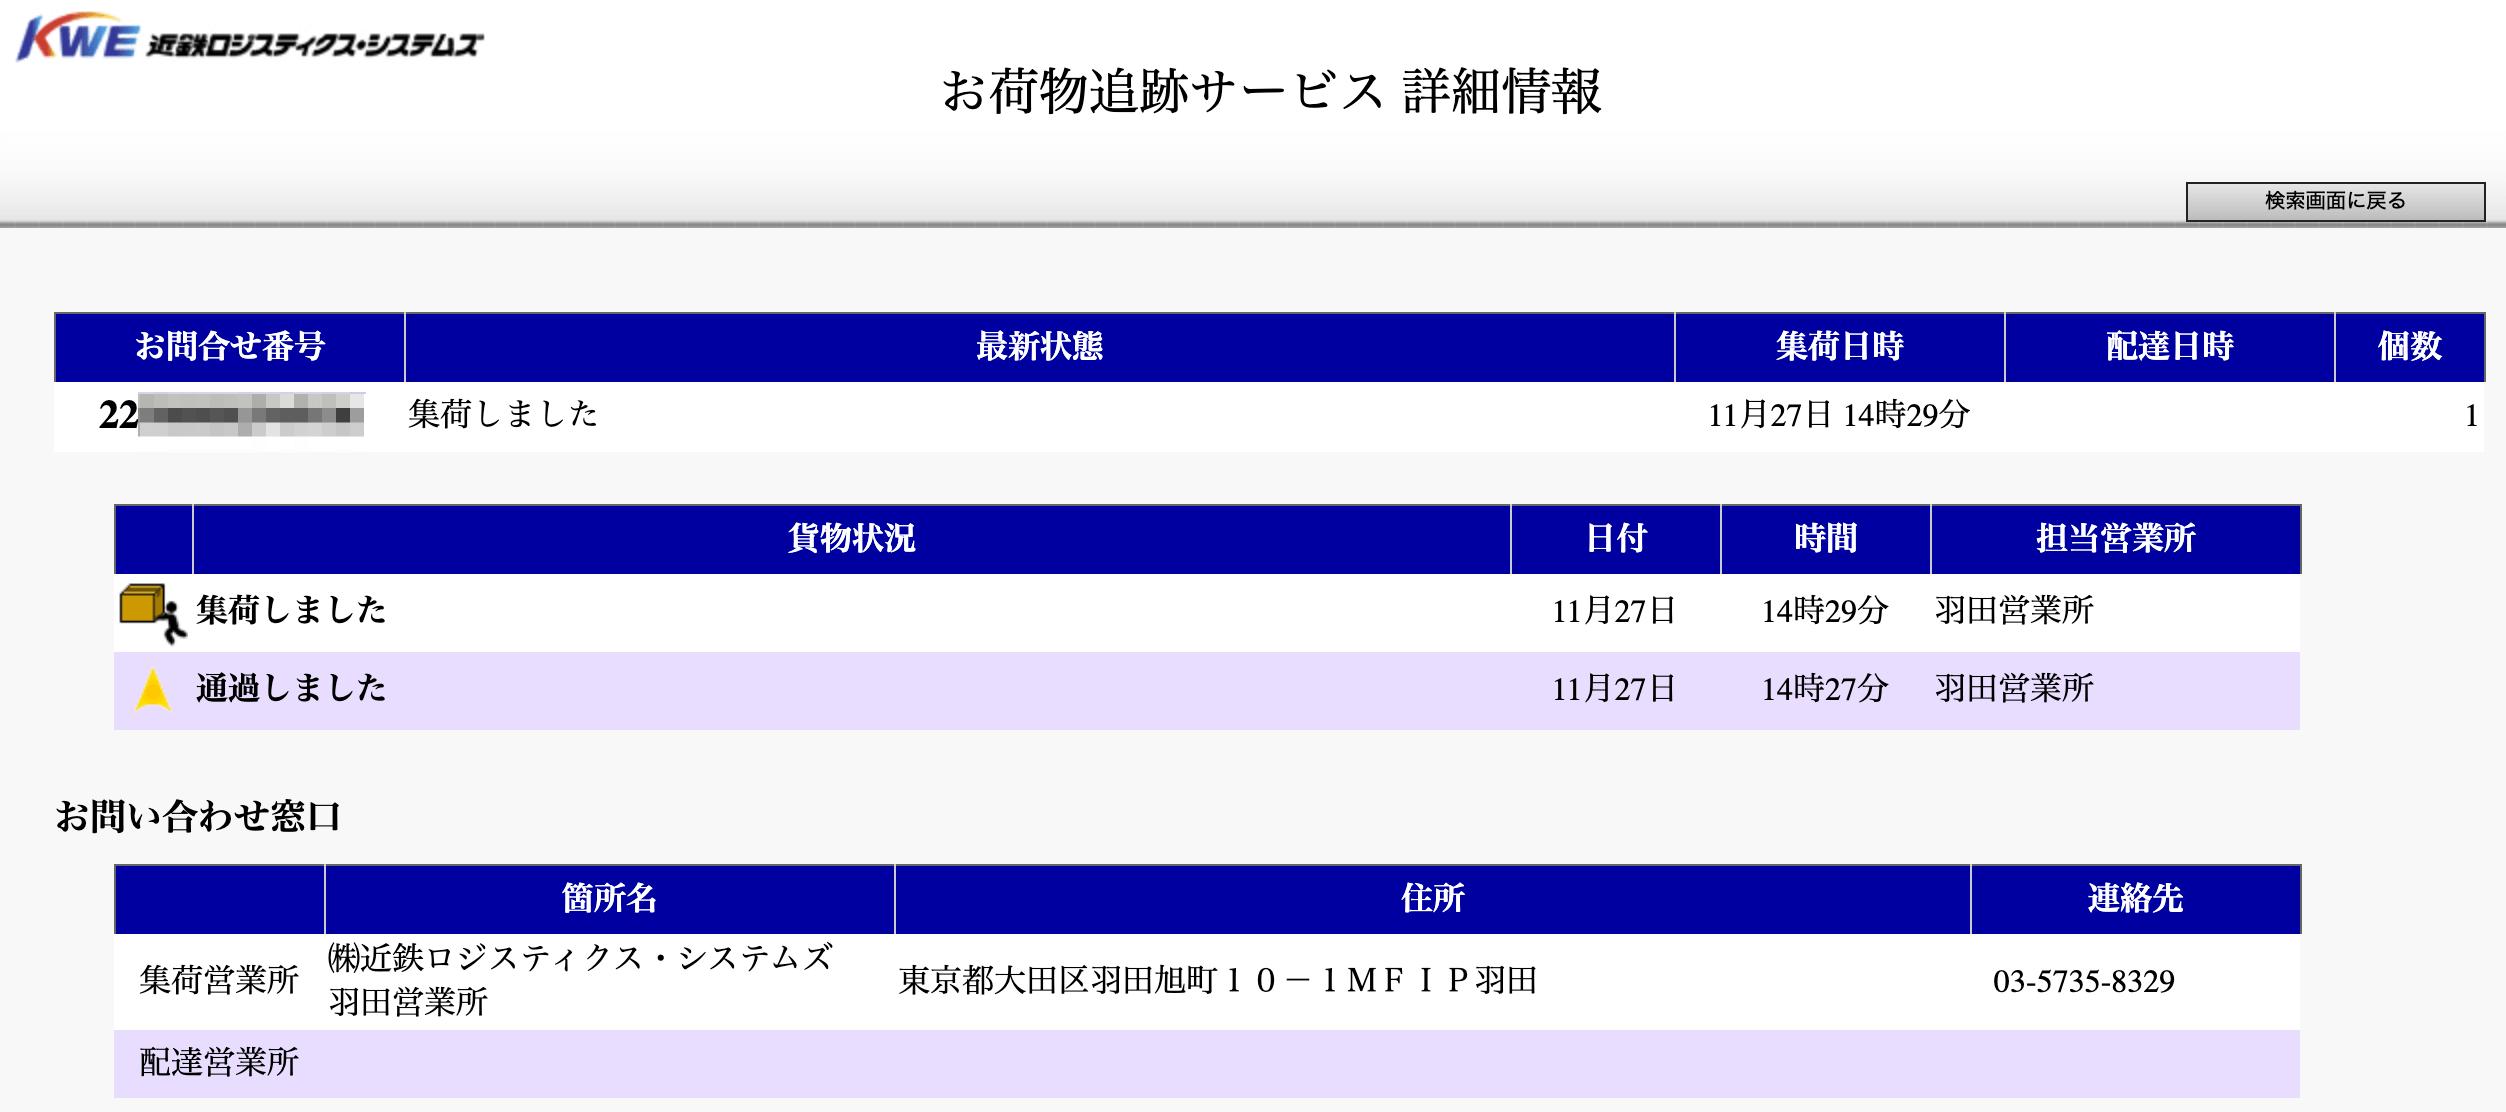 近鉄ロジスティック・システムズ荷物追跡サービス